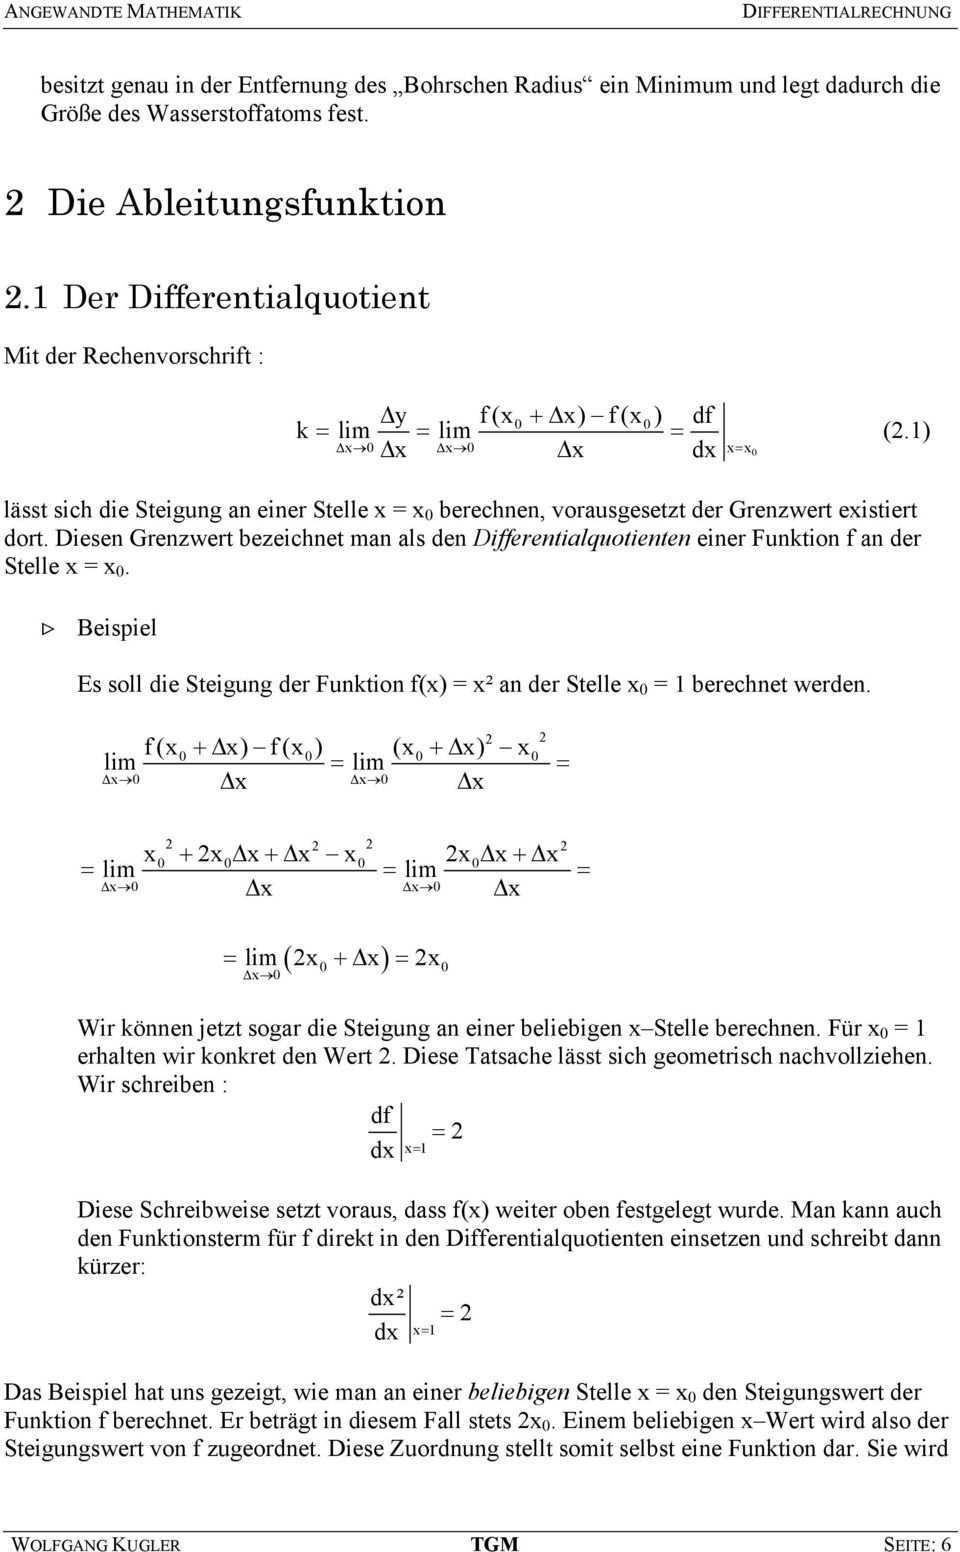 Angewandte Mathematik Differentialrechnung Autor Wolfgang Kugler Pdf Kostenfreier Download